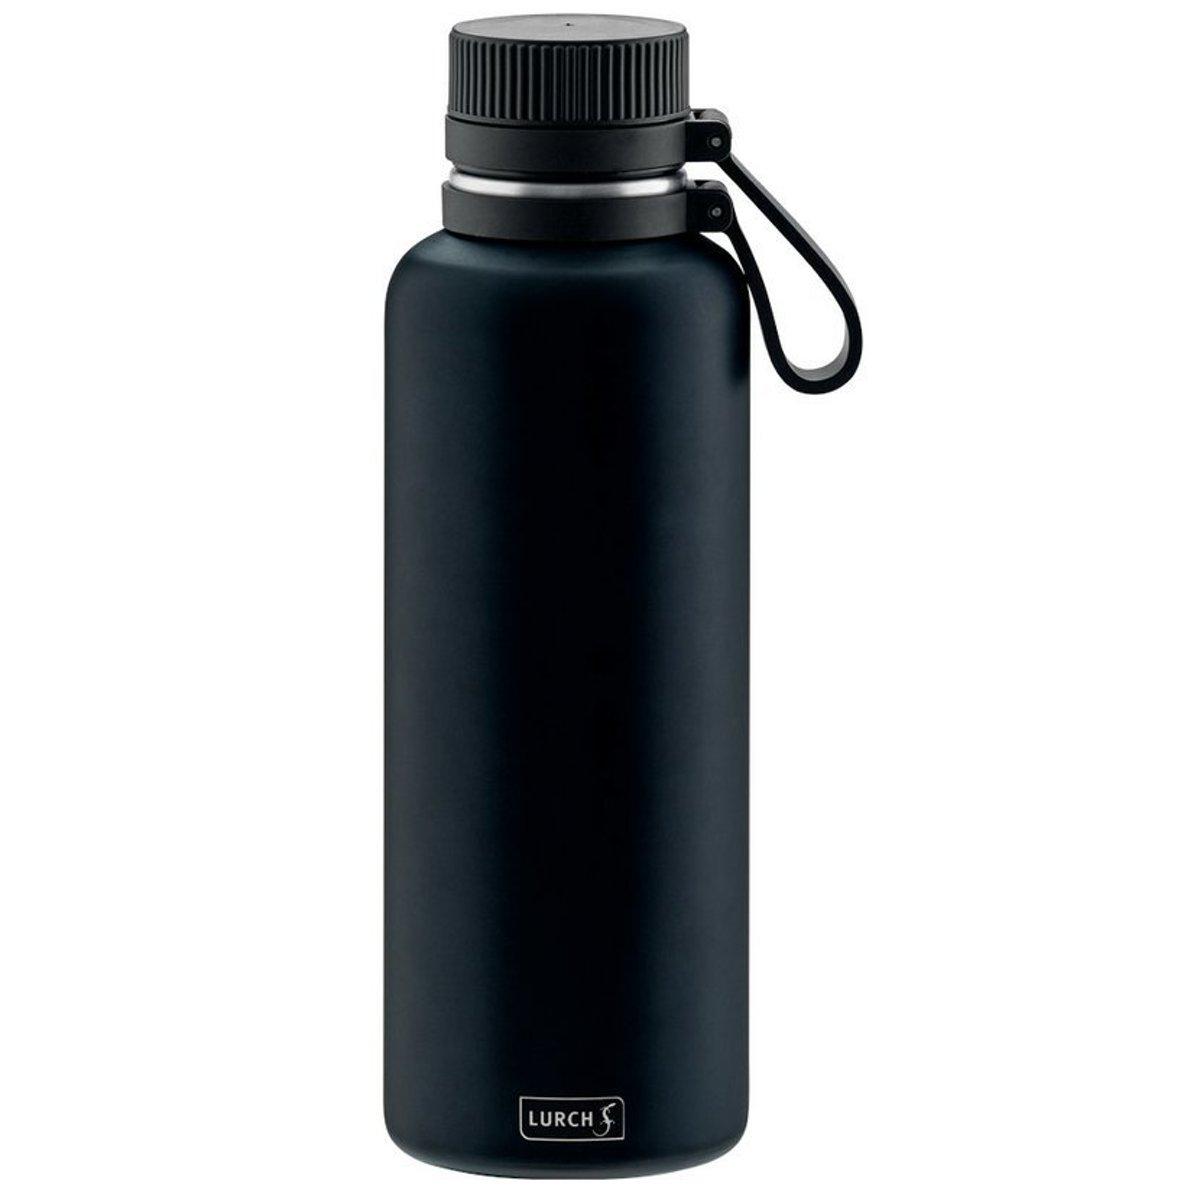 Lurch to Go isolatie thermos fles outdoor zwart 1 liter kopen